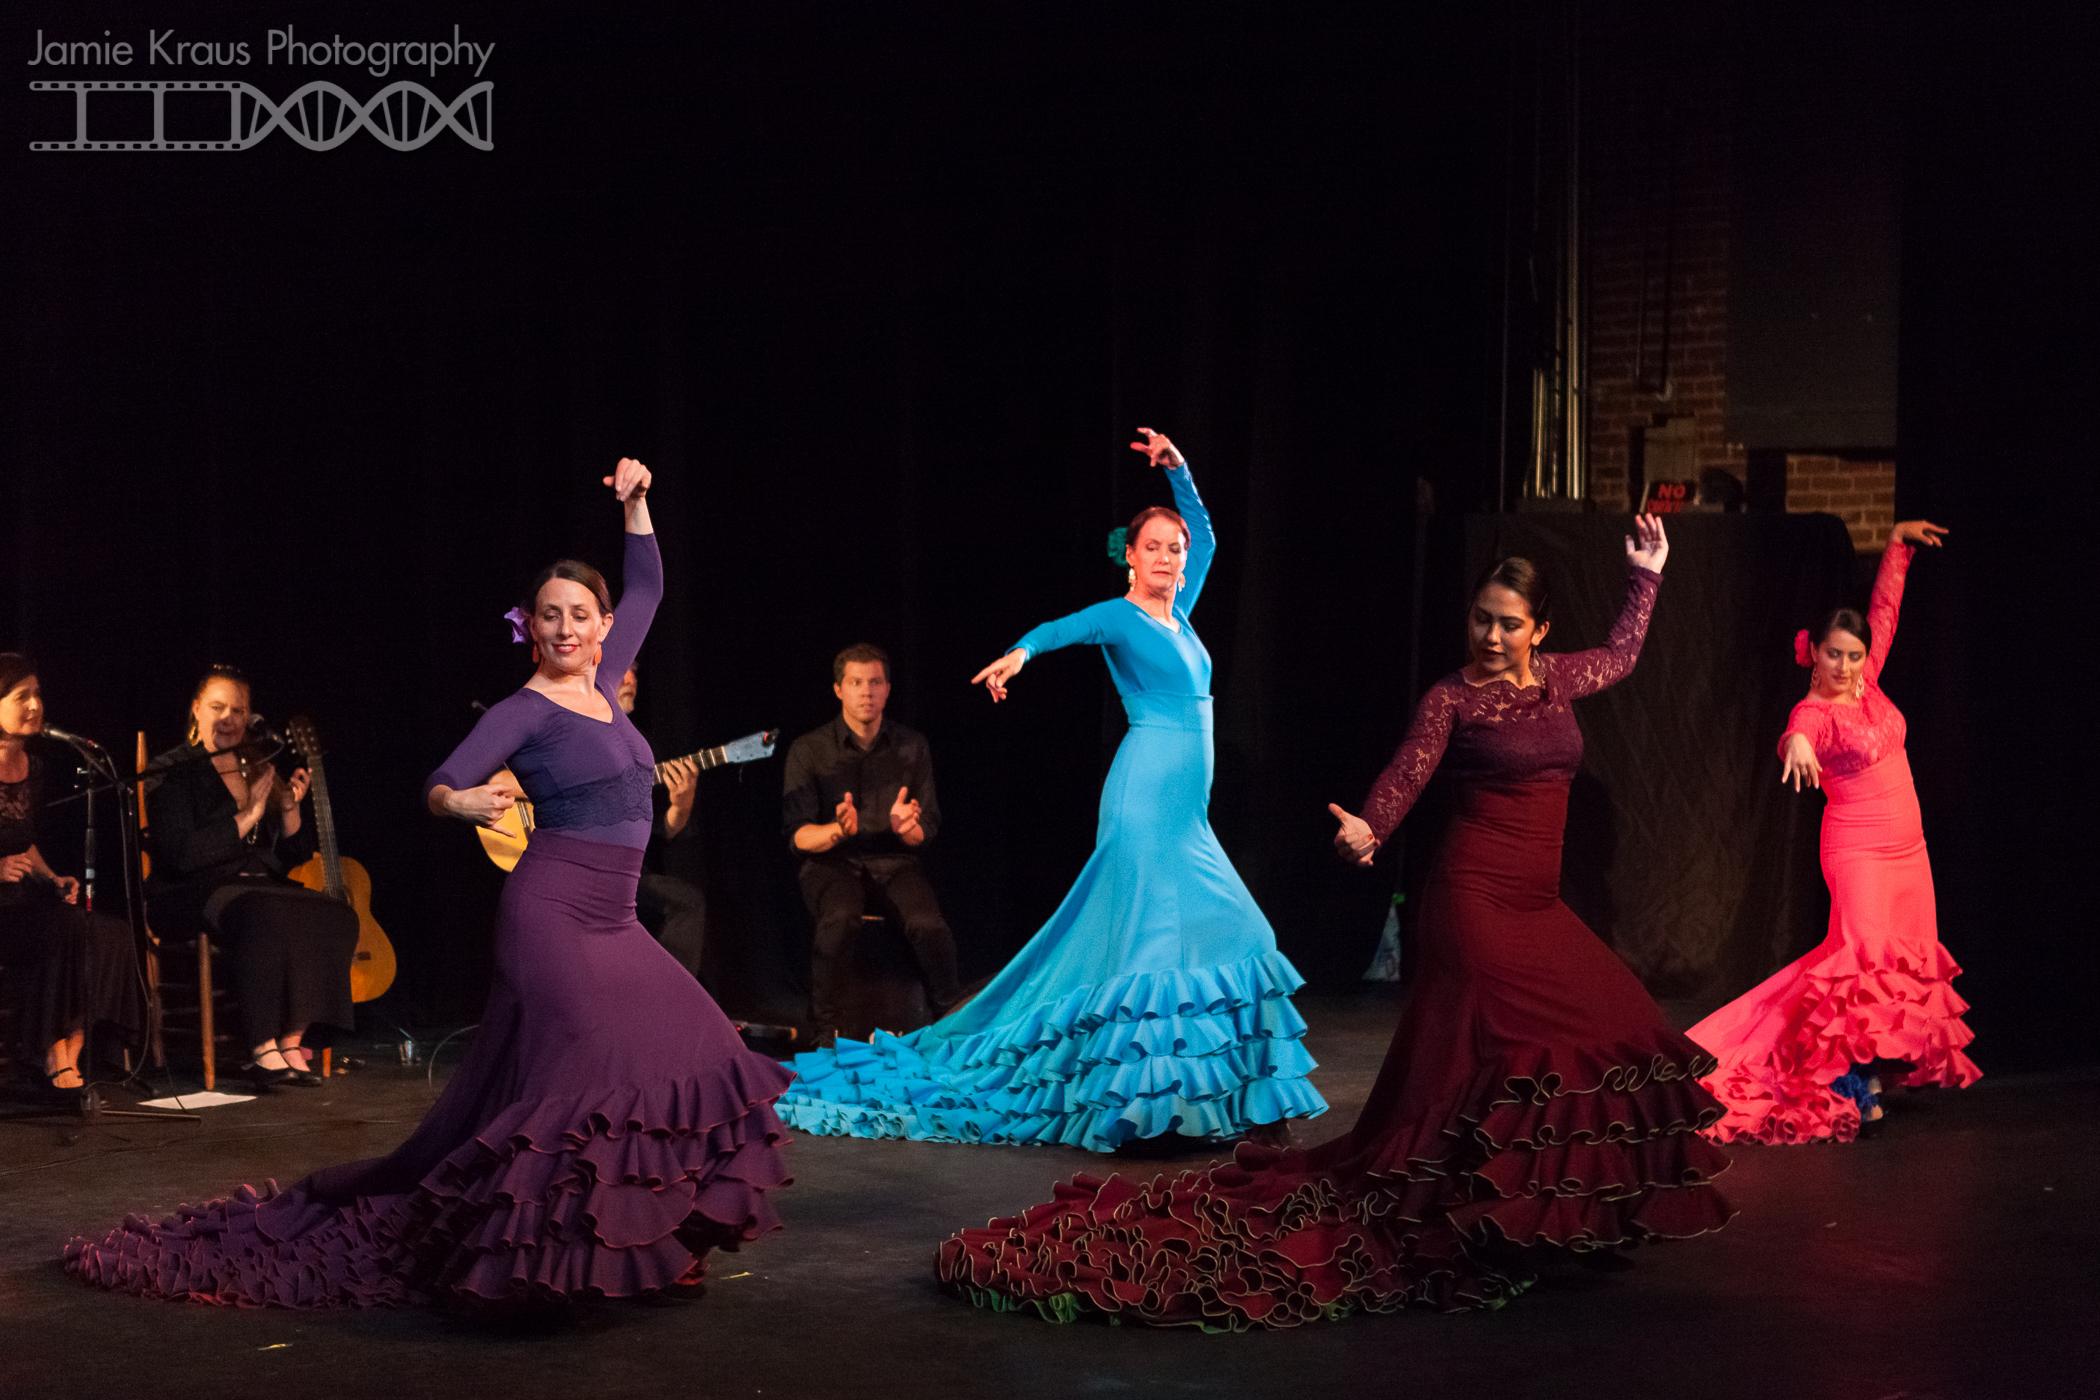 denver-flamenco-photography